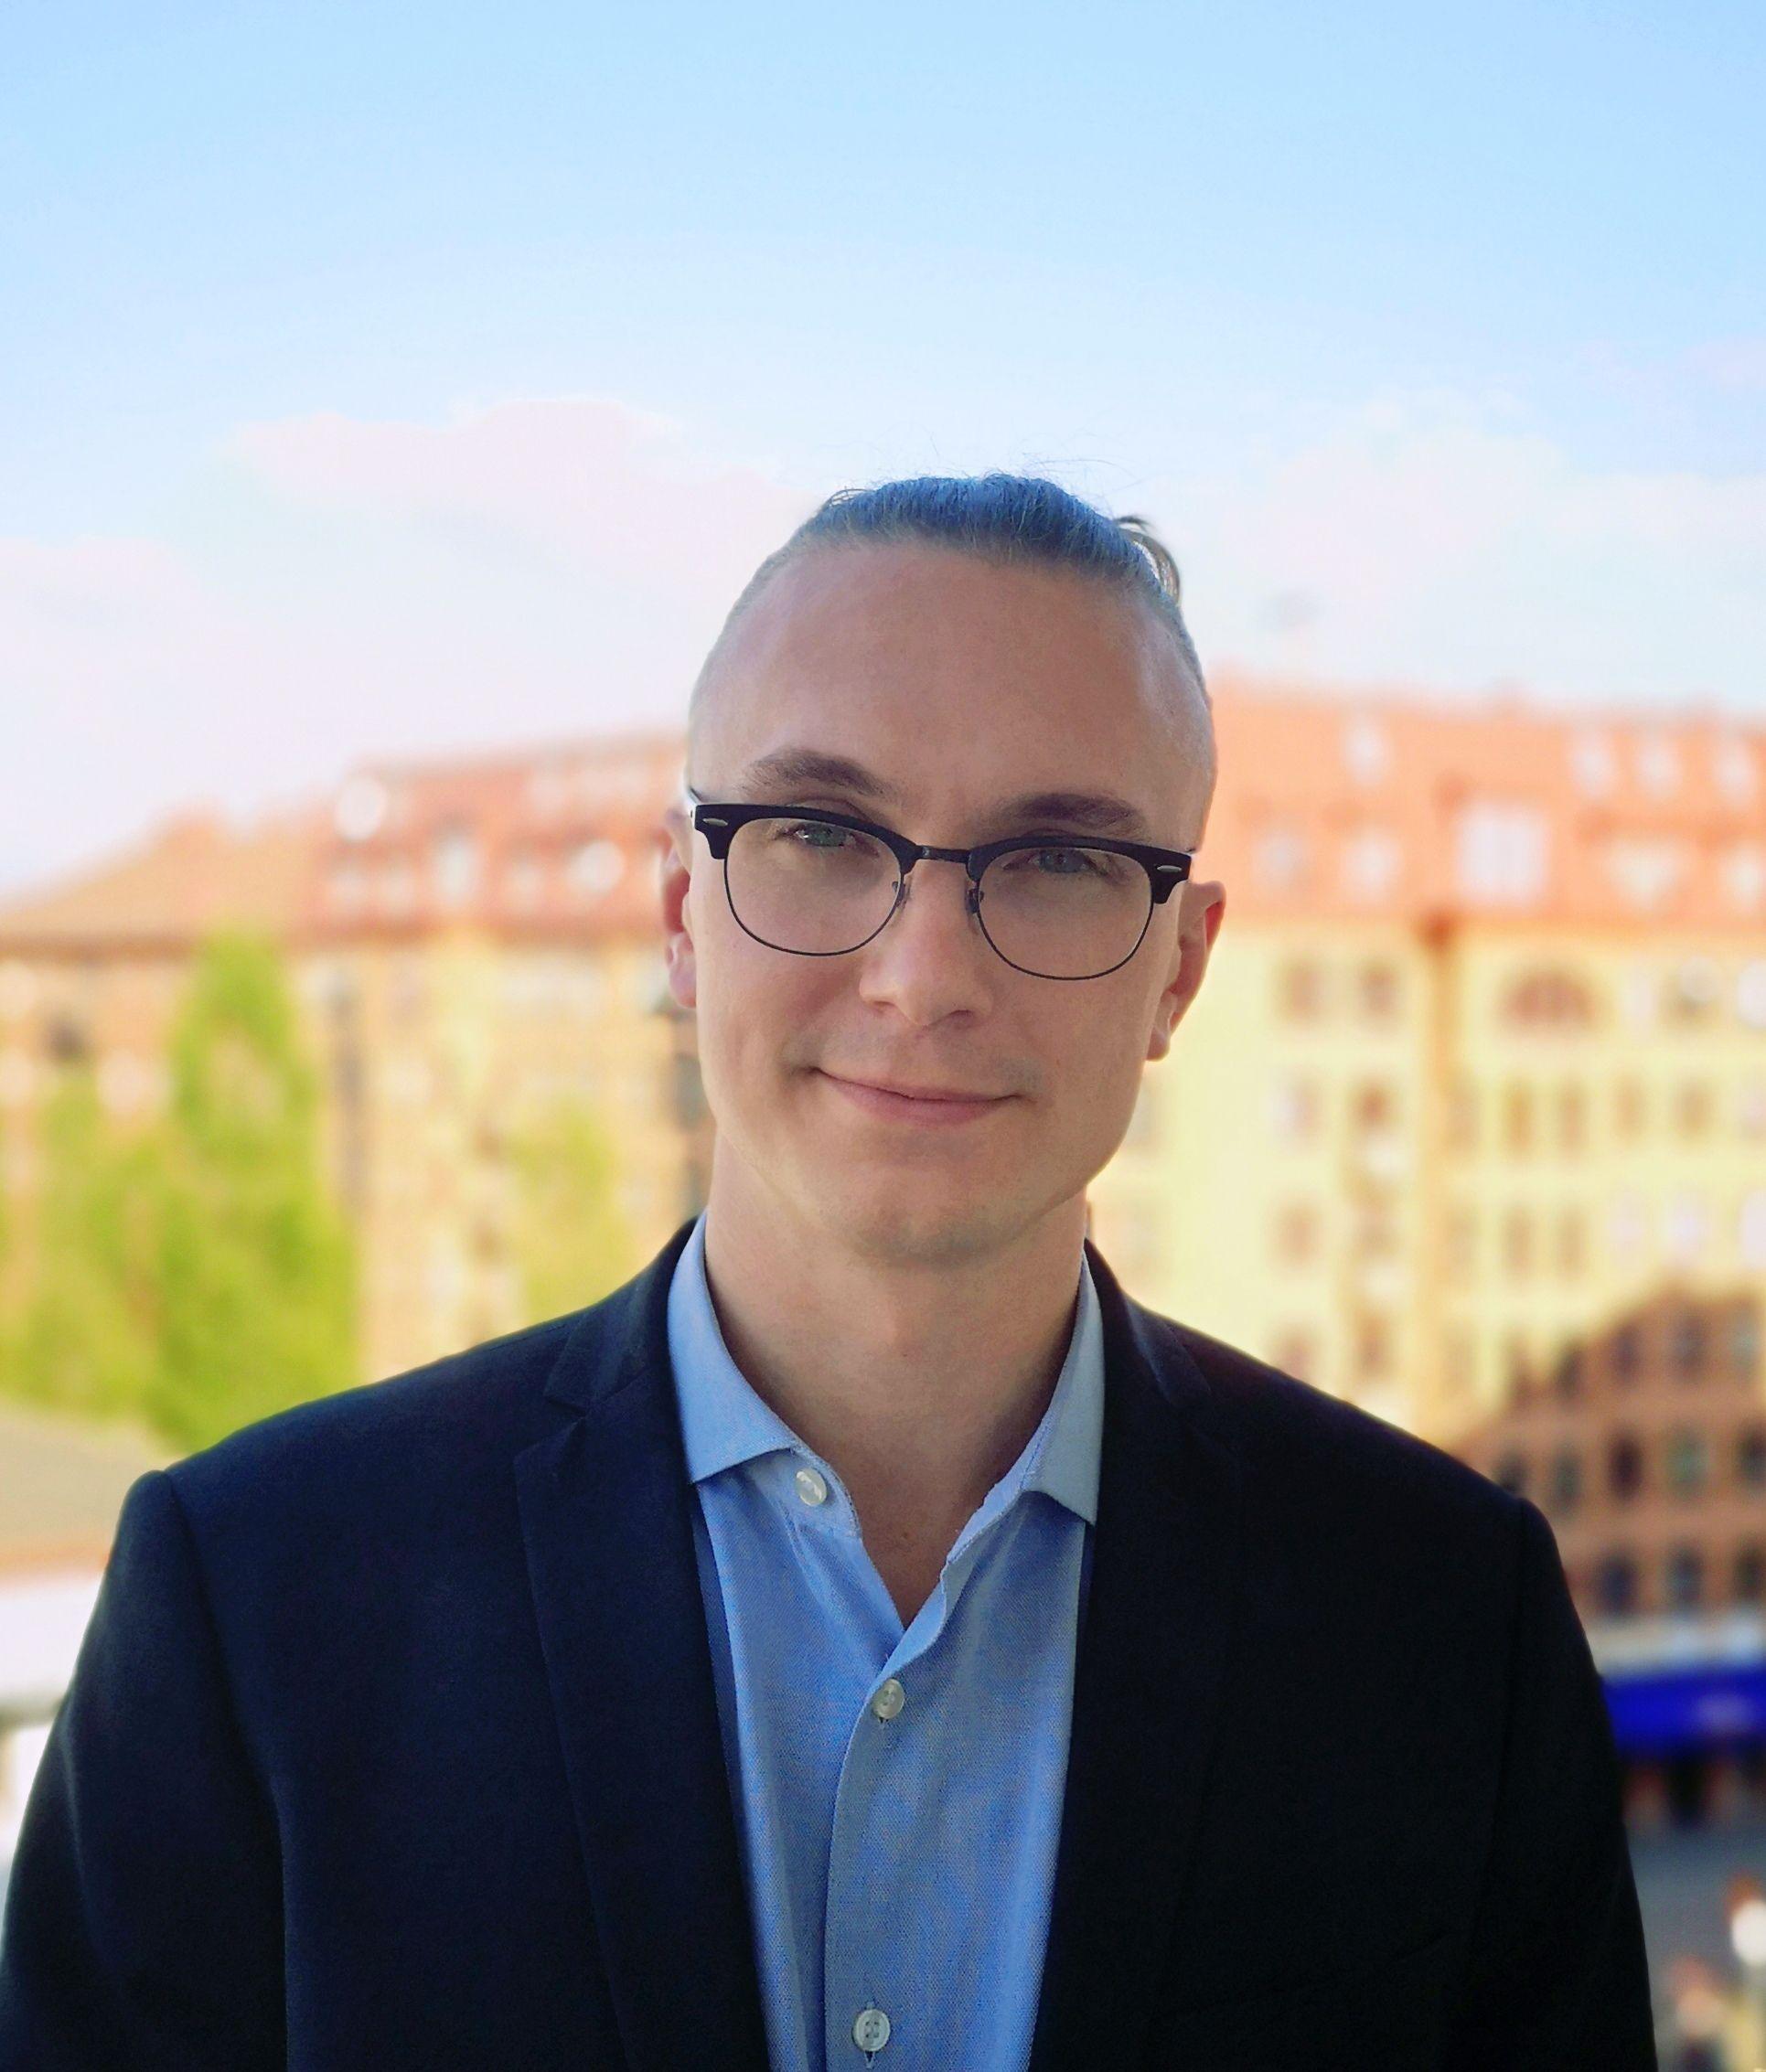 Felix Nordholm